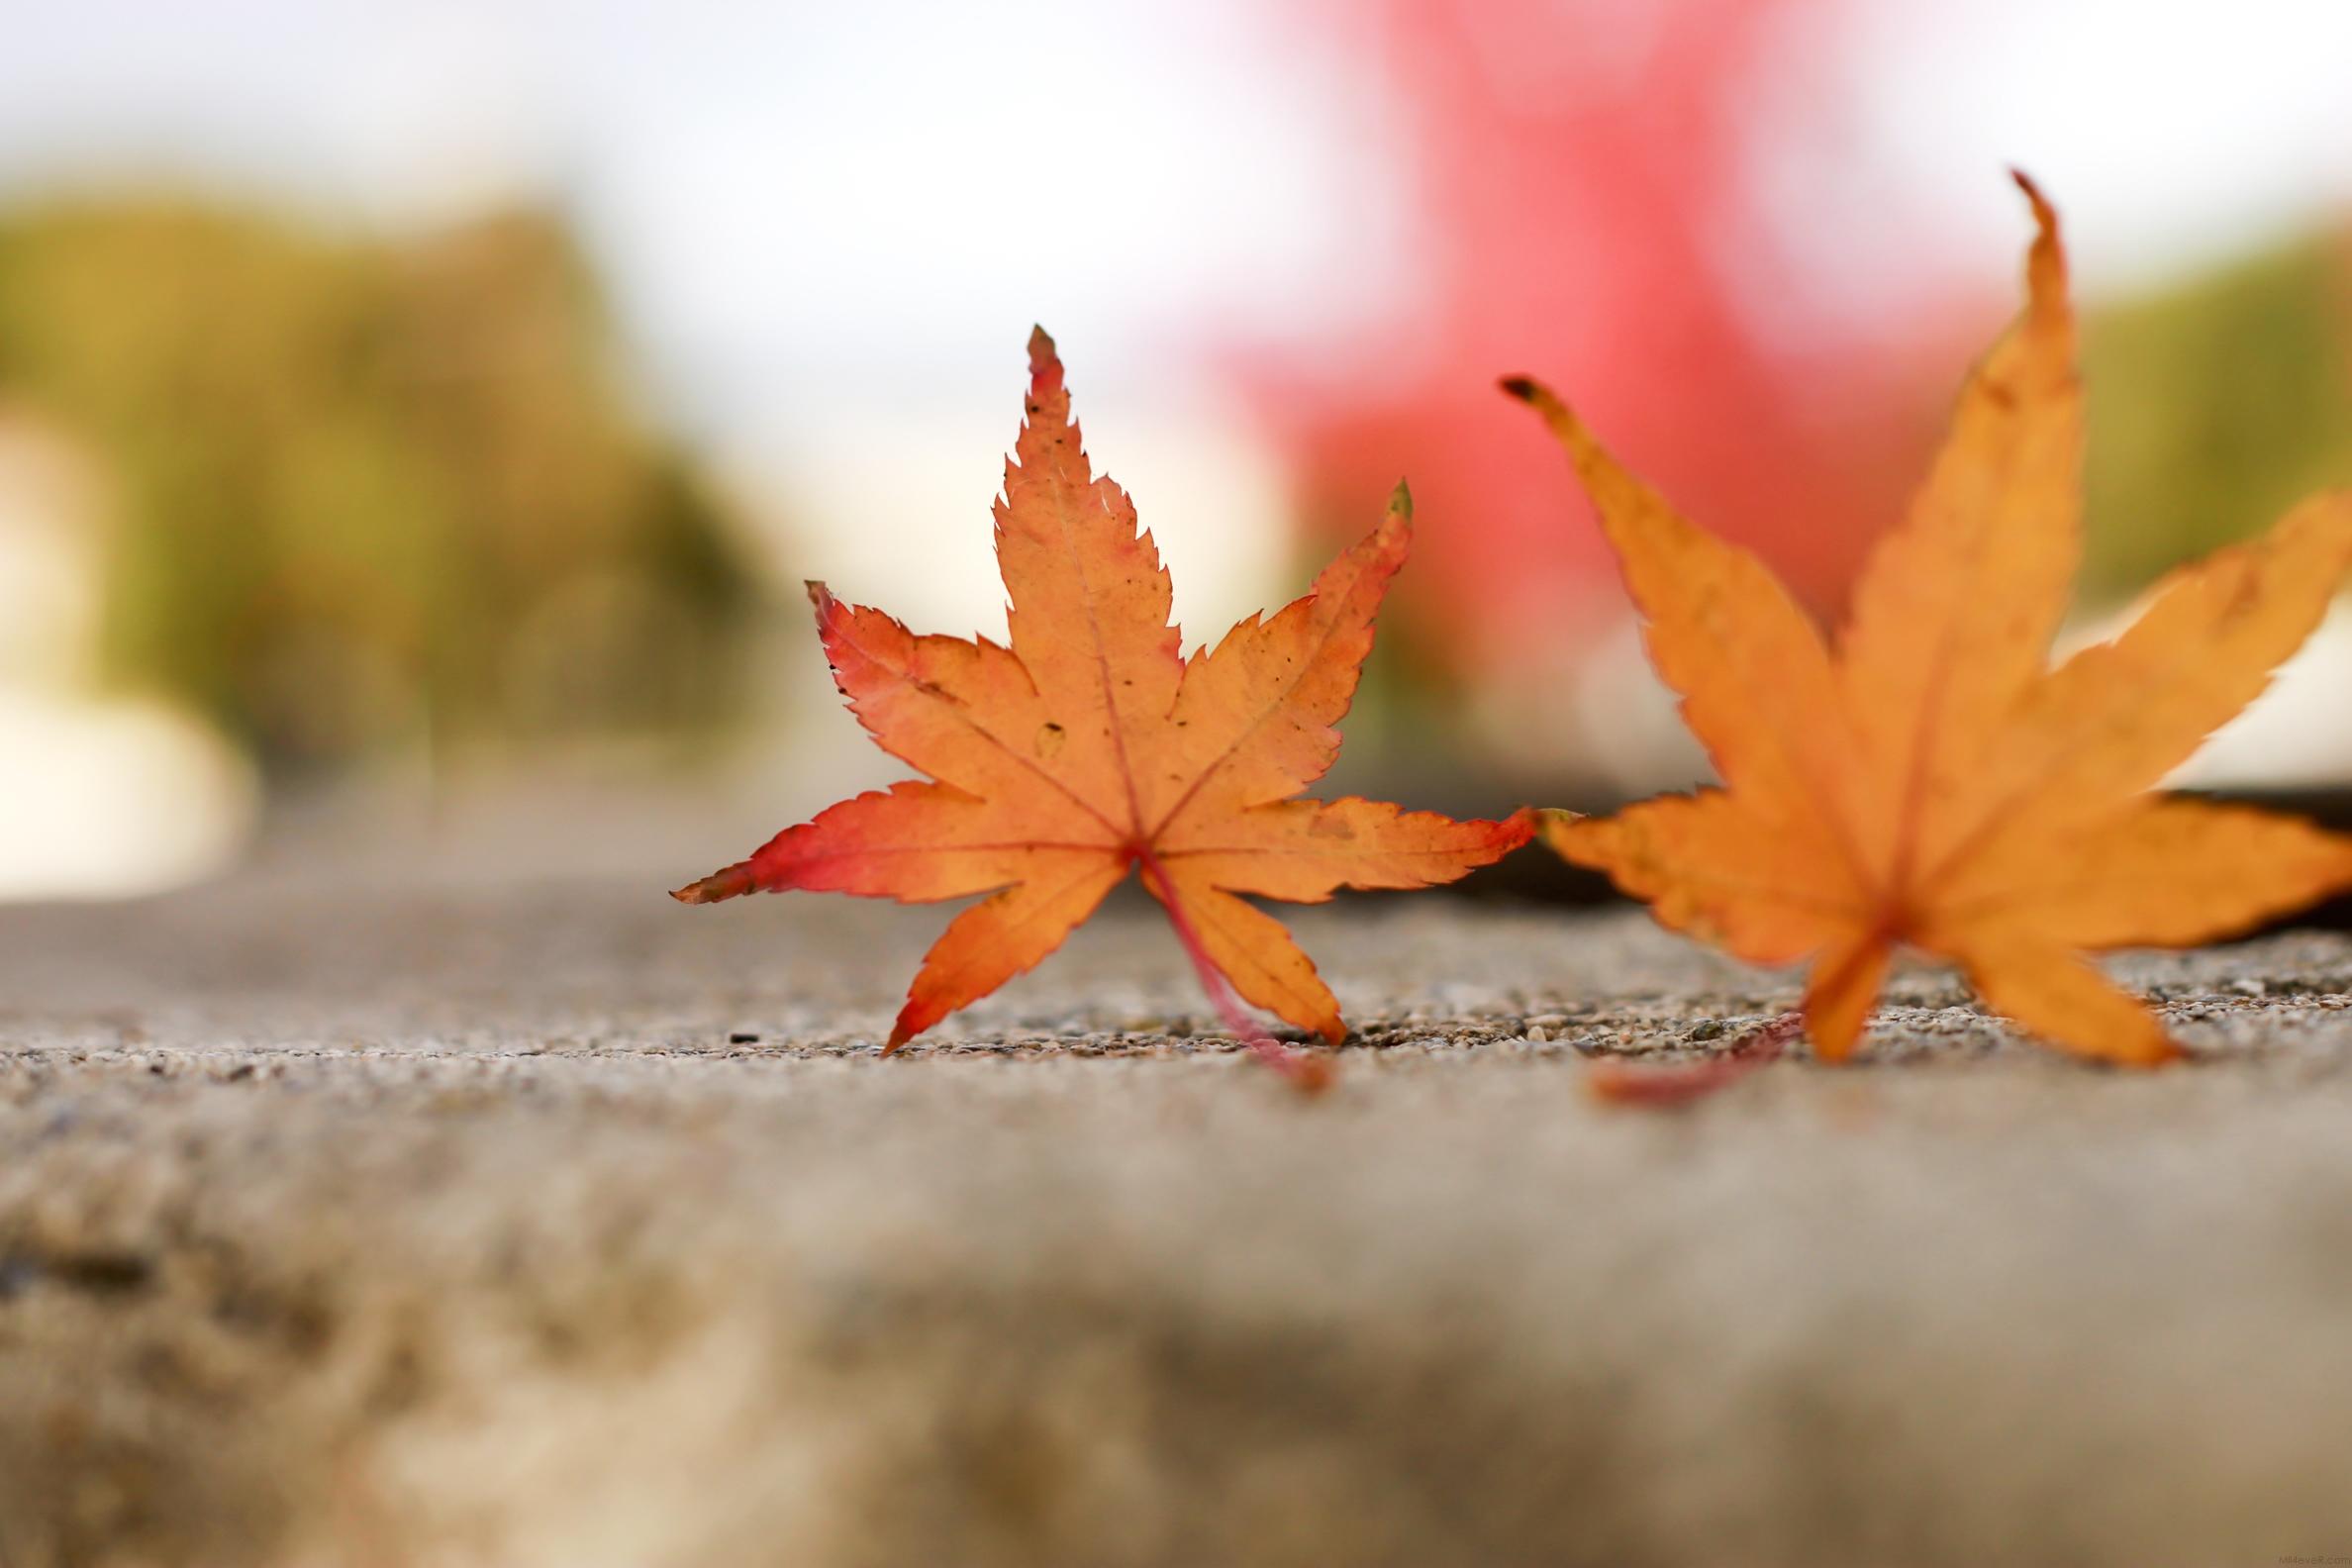 پاییز، برگ های پاییزی، نارنجی، زرد، autumn leaf،طبیعت، رنگی-رنگارنگ، پایــیـــز،